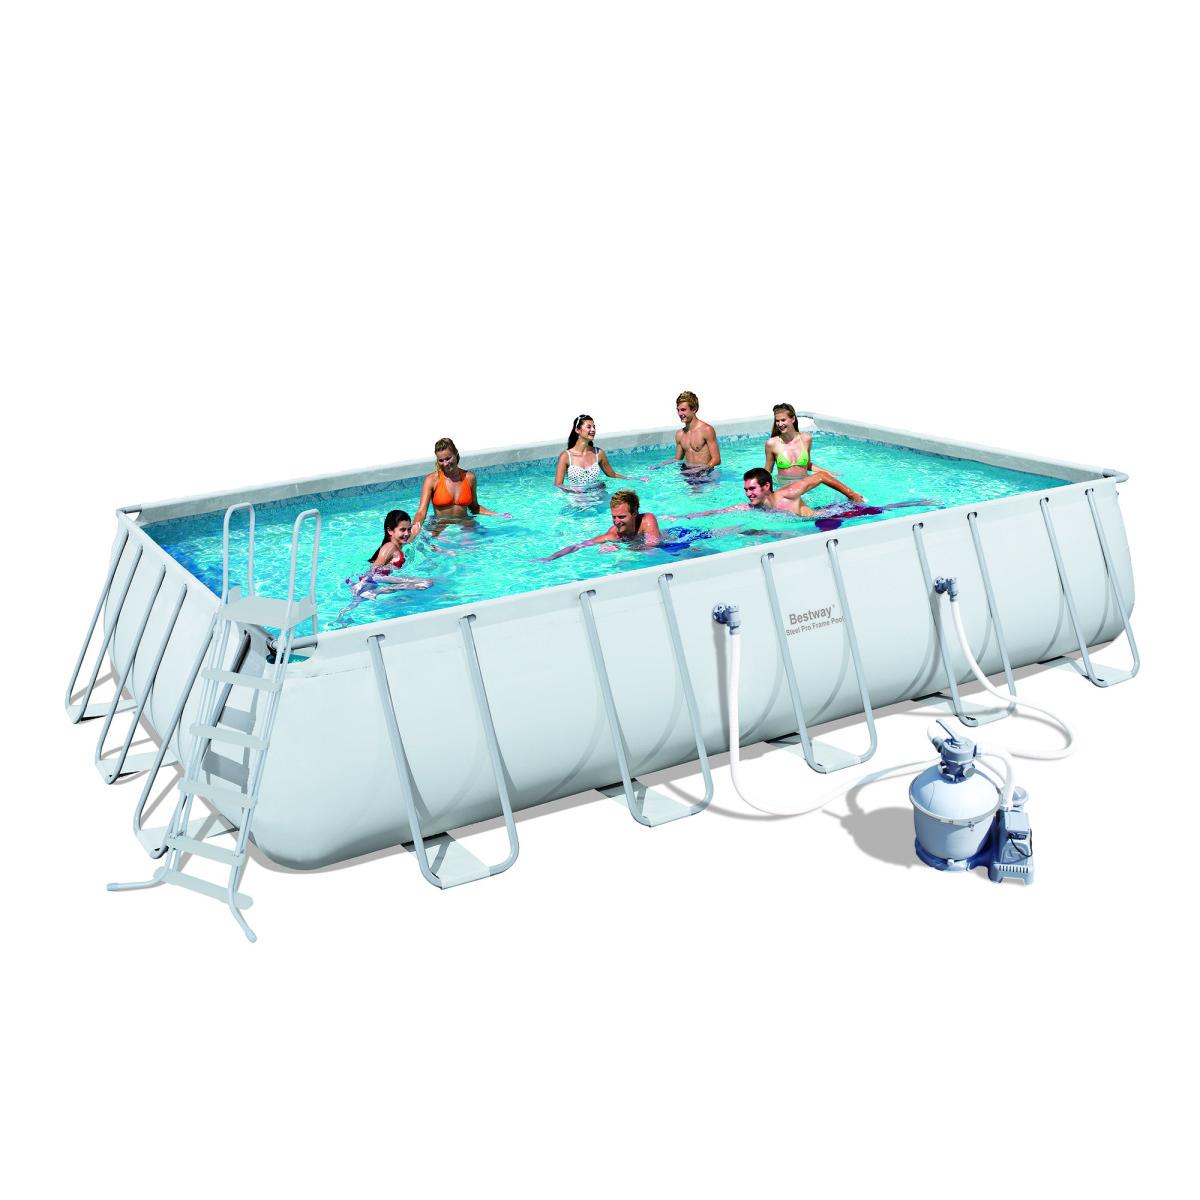 Каркасный бассейн Bestway 56257 с песочным фильтром (671x396x132 )